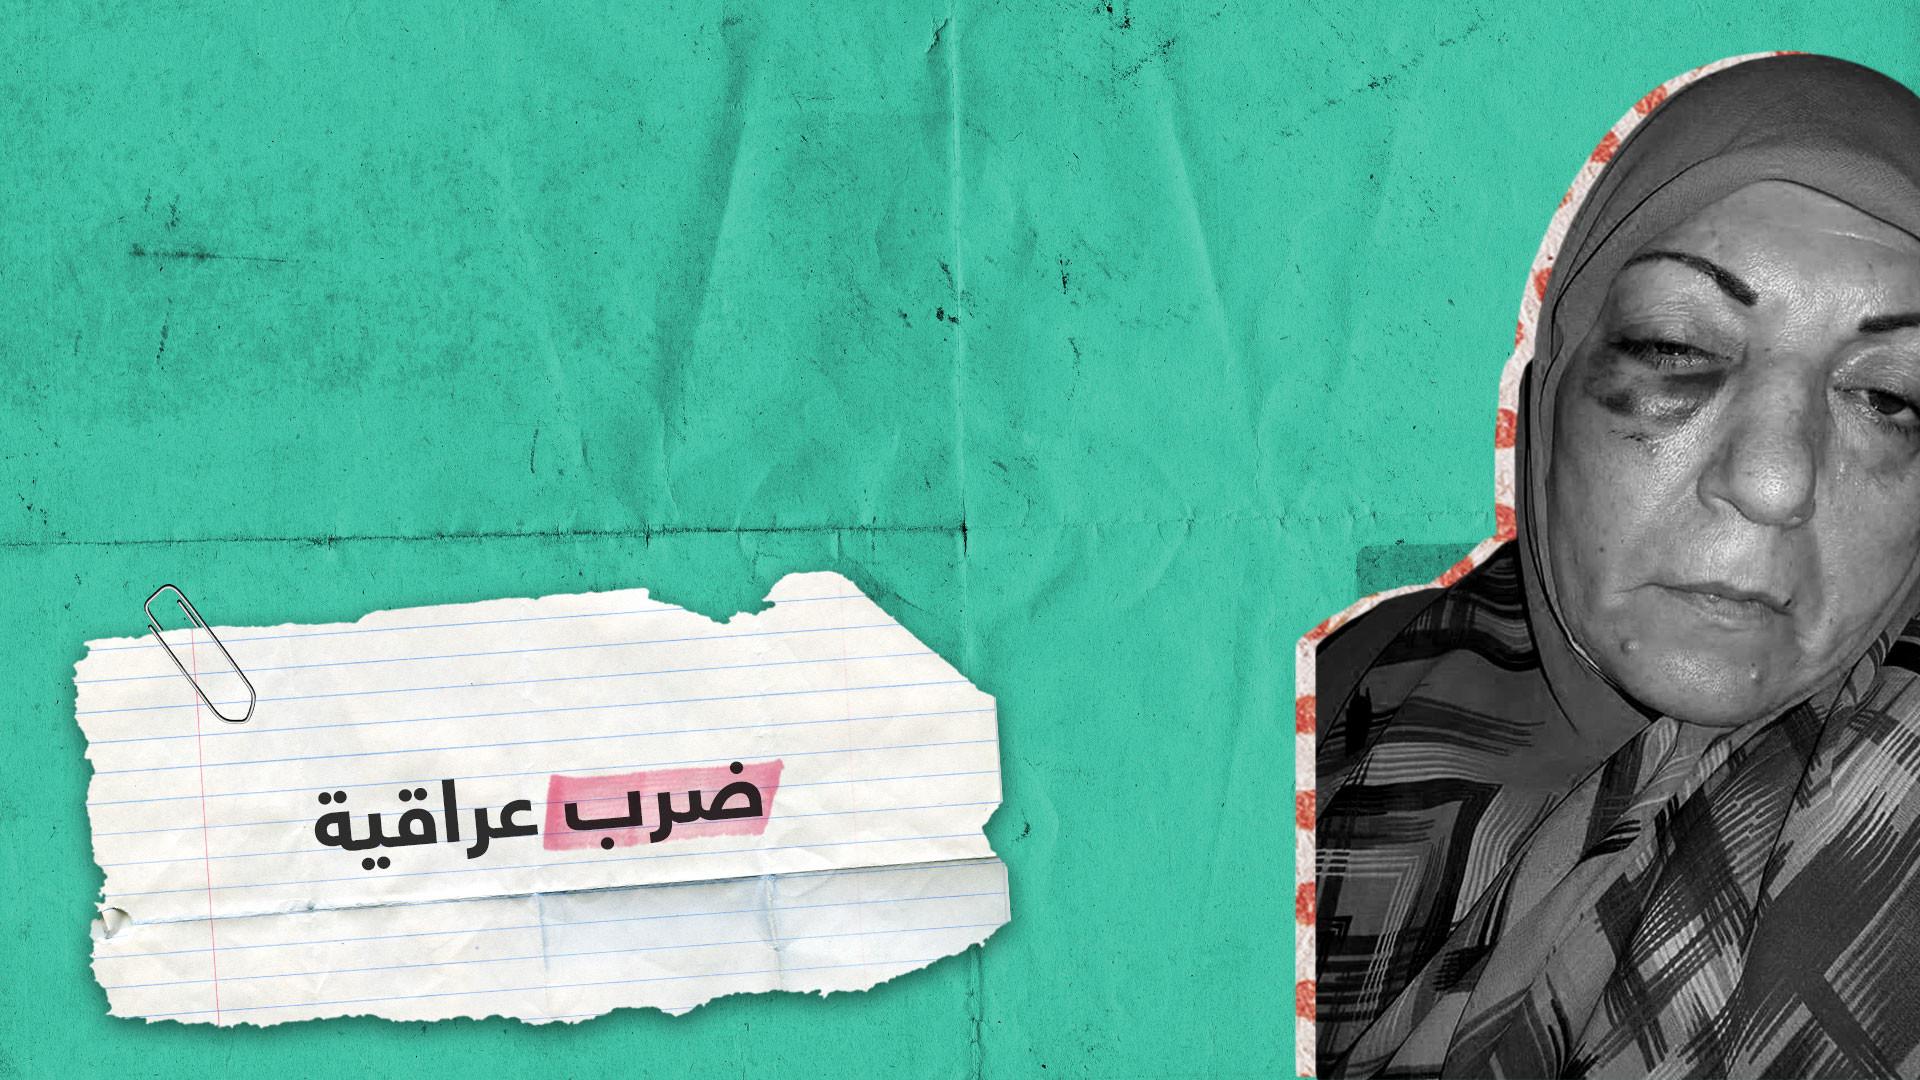 غضب عراقي بسبب تعرض سيدة للضرب في مطار إيراني